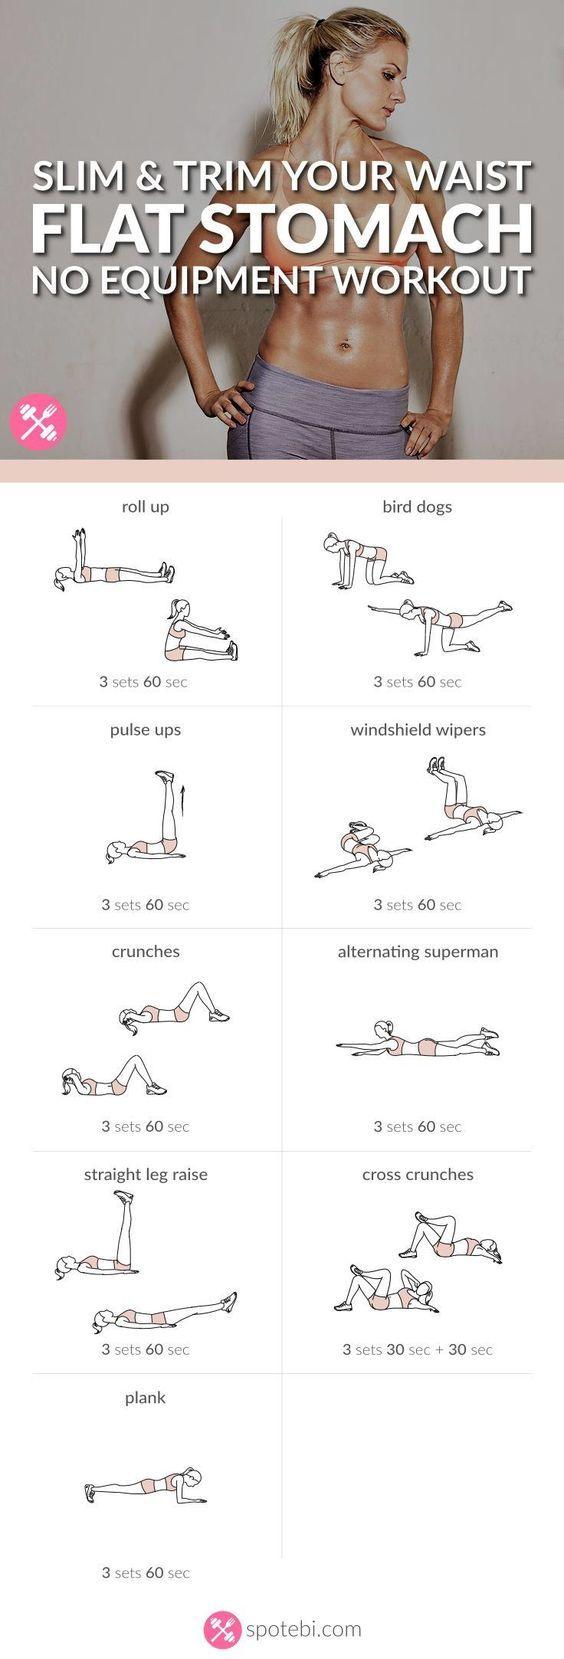 Flat Stomach Workout | My Health Plan at XYZ